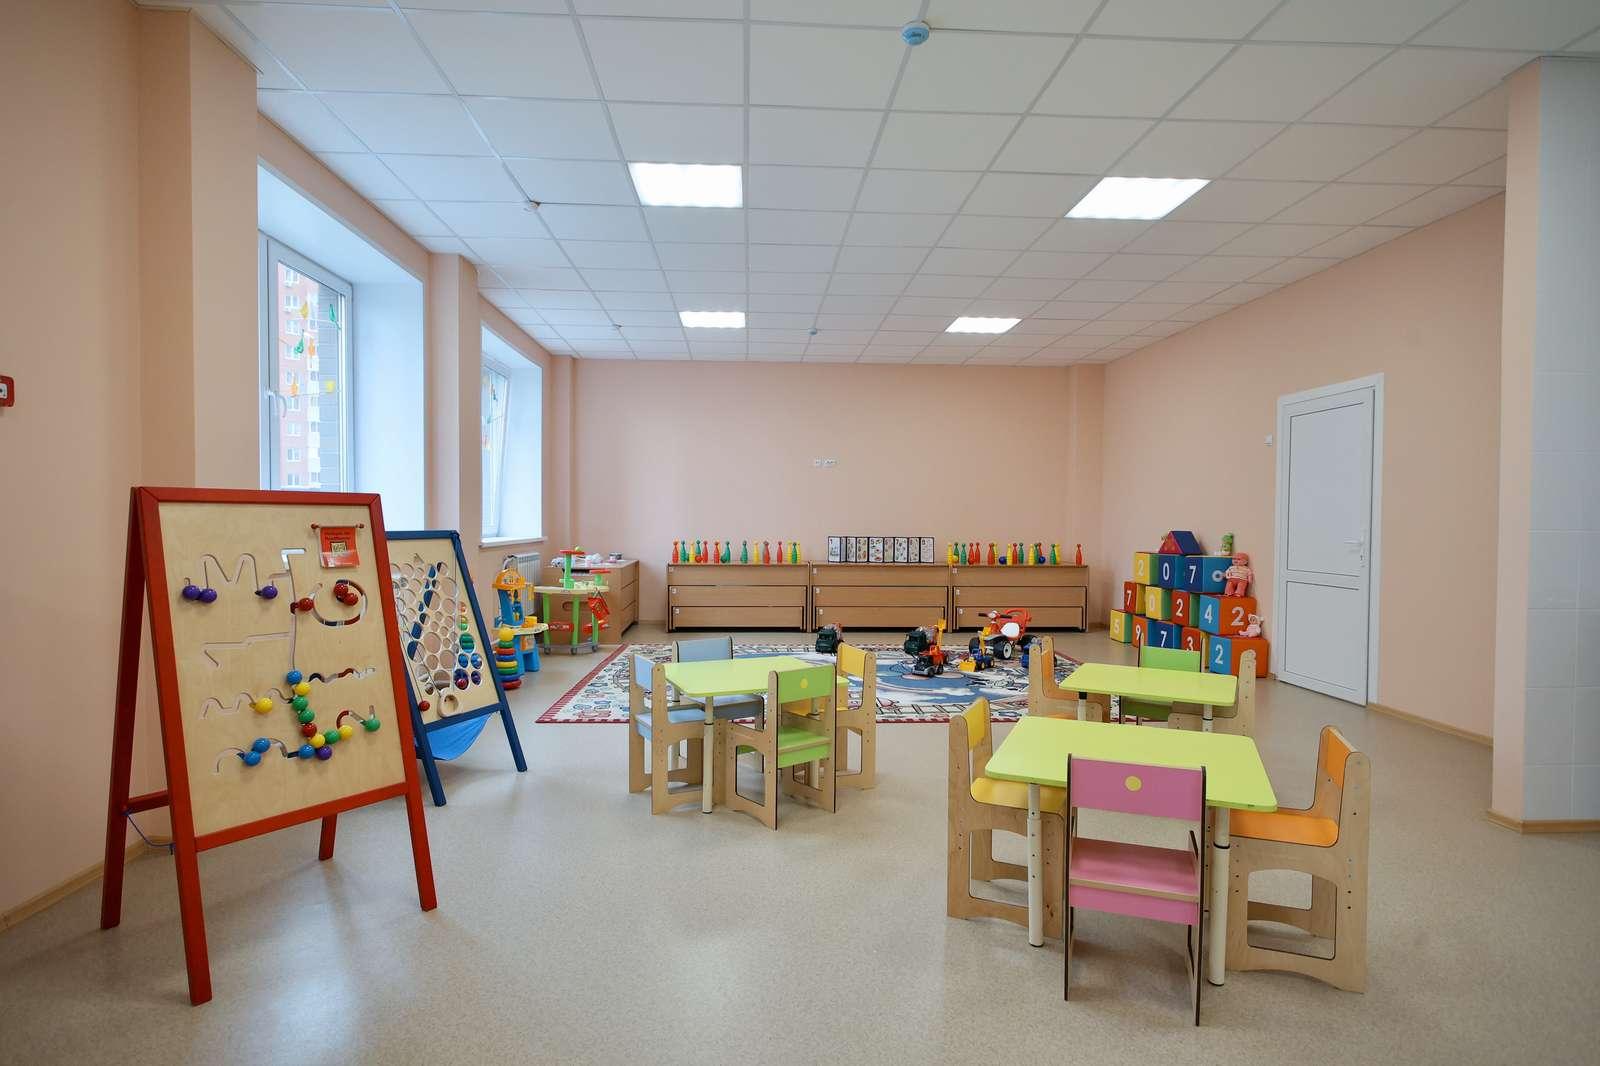 Новый детский сад откроют в микрорайоне Железнодорожный в Балашихе 1 сентября   Изображение 2